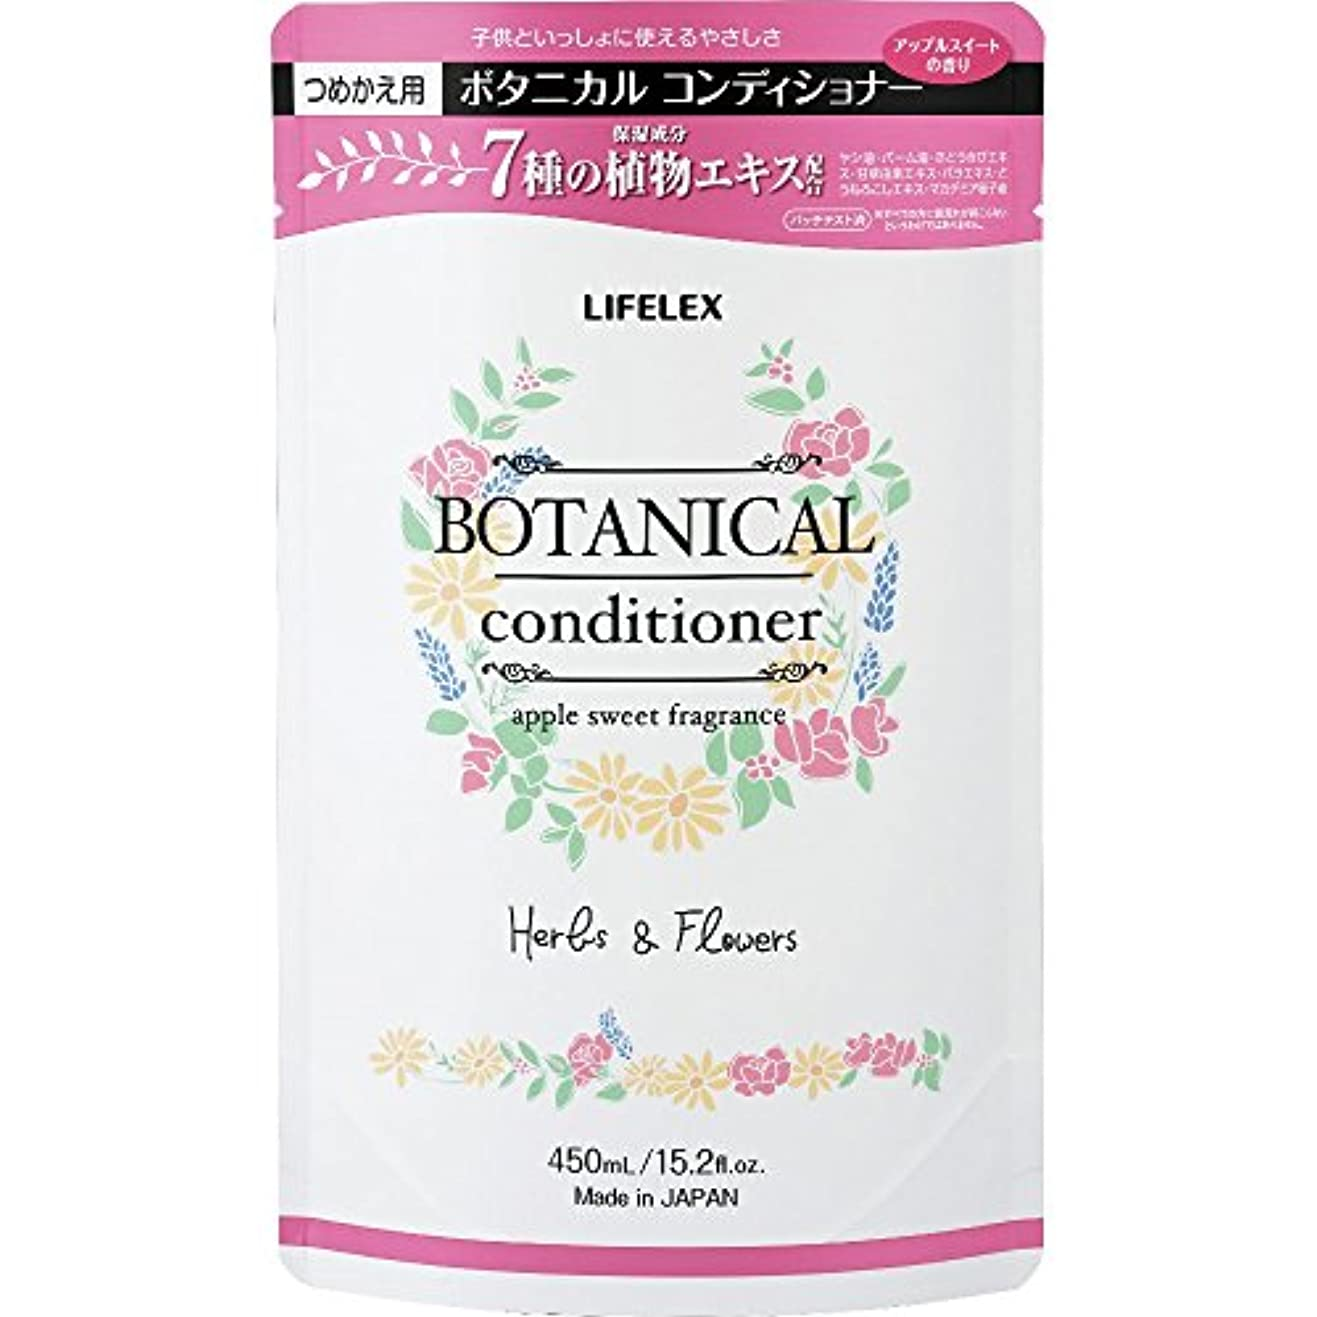 慢性的いじめっ子風味コーナン オリジナル LIFELEX ボタニカル コンディショナー アップルスイートの香り 詰め替え